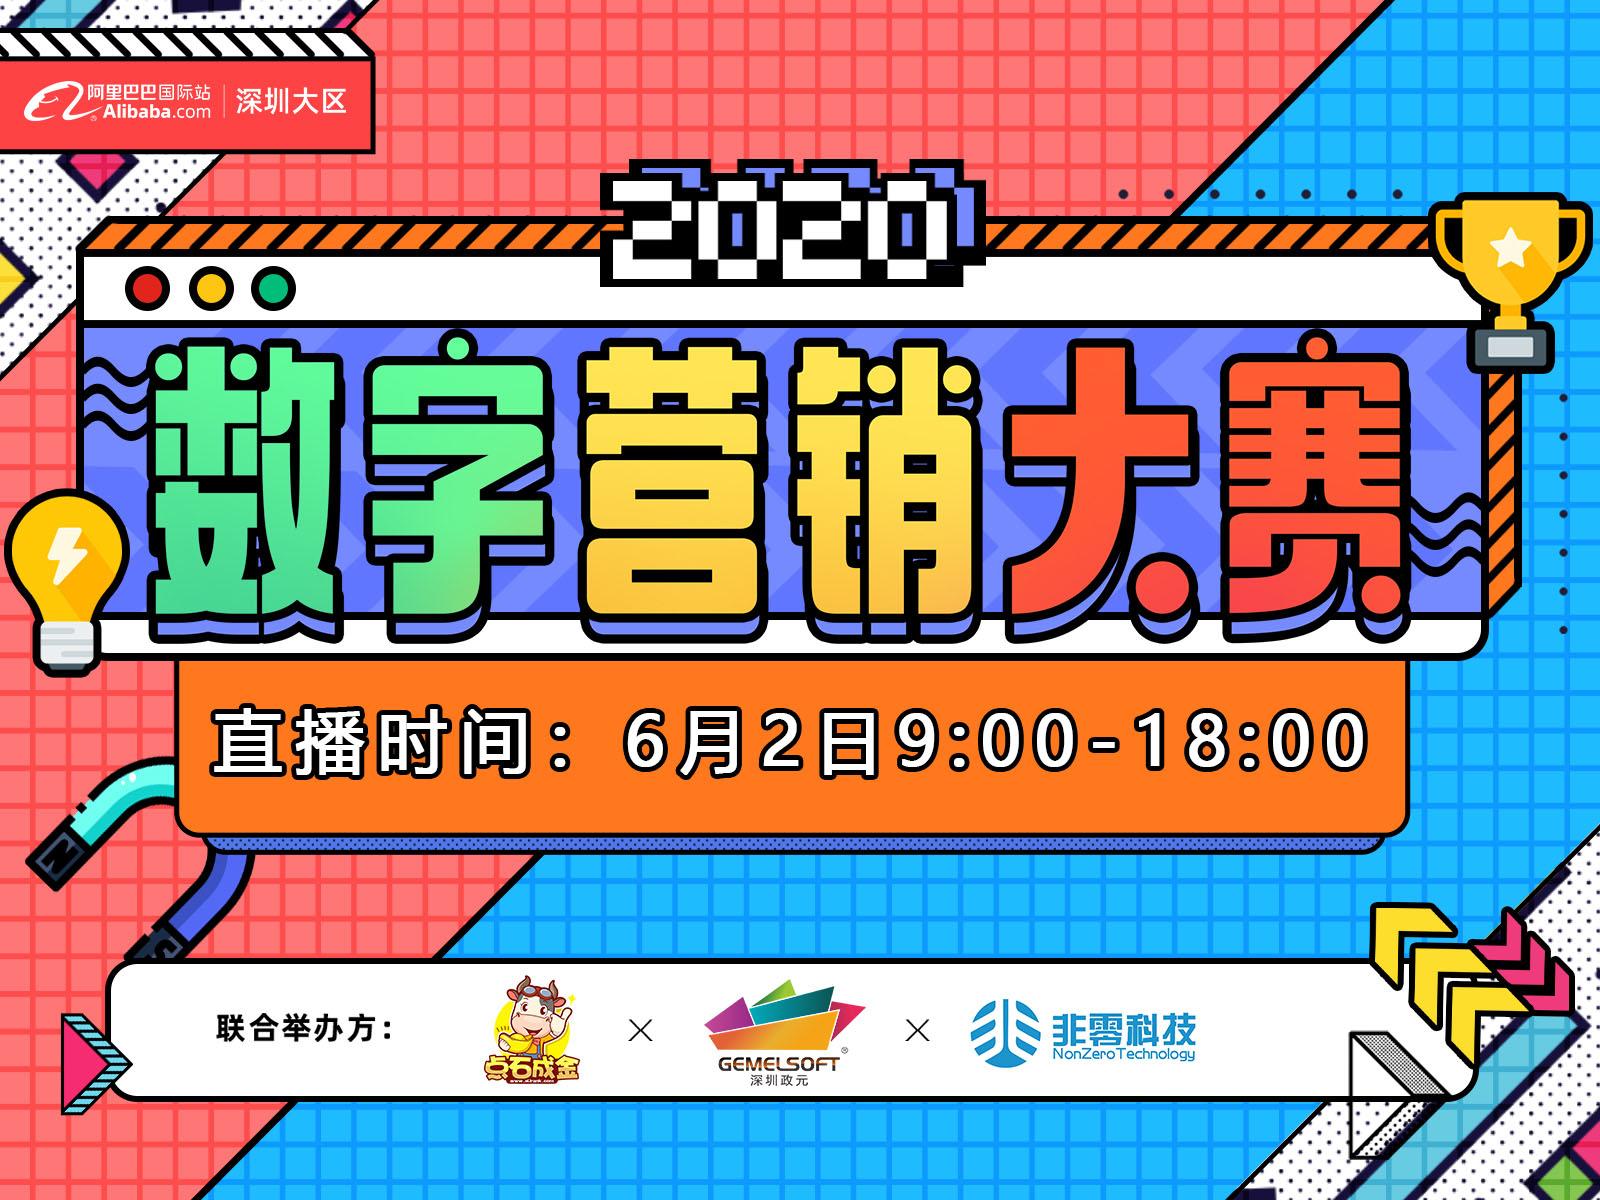 2020阿里巴巴国际站深圳大区数字营销大赛总决赛